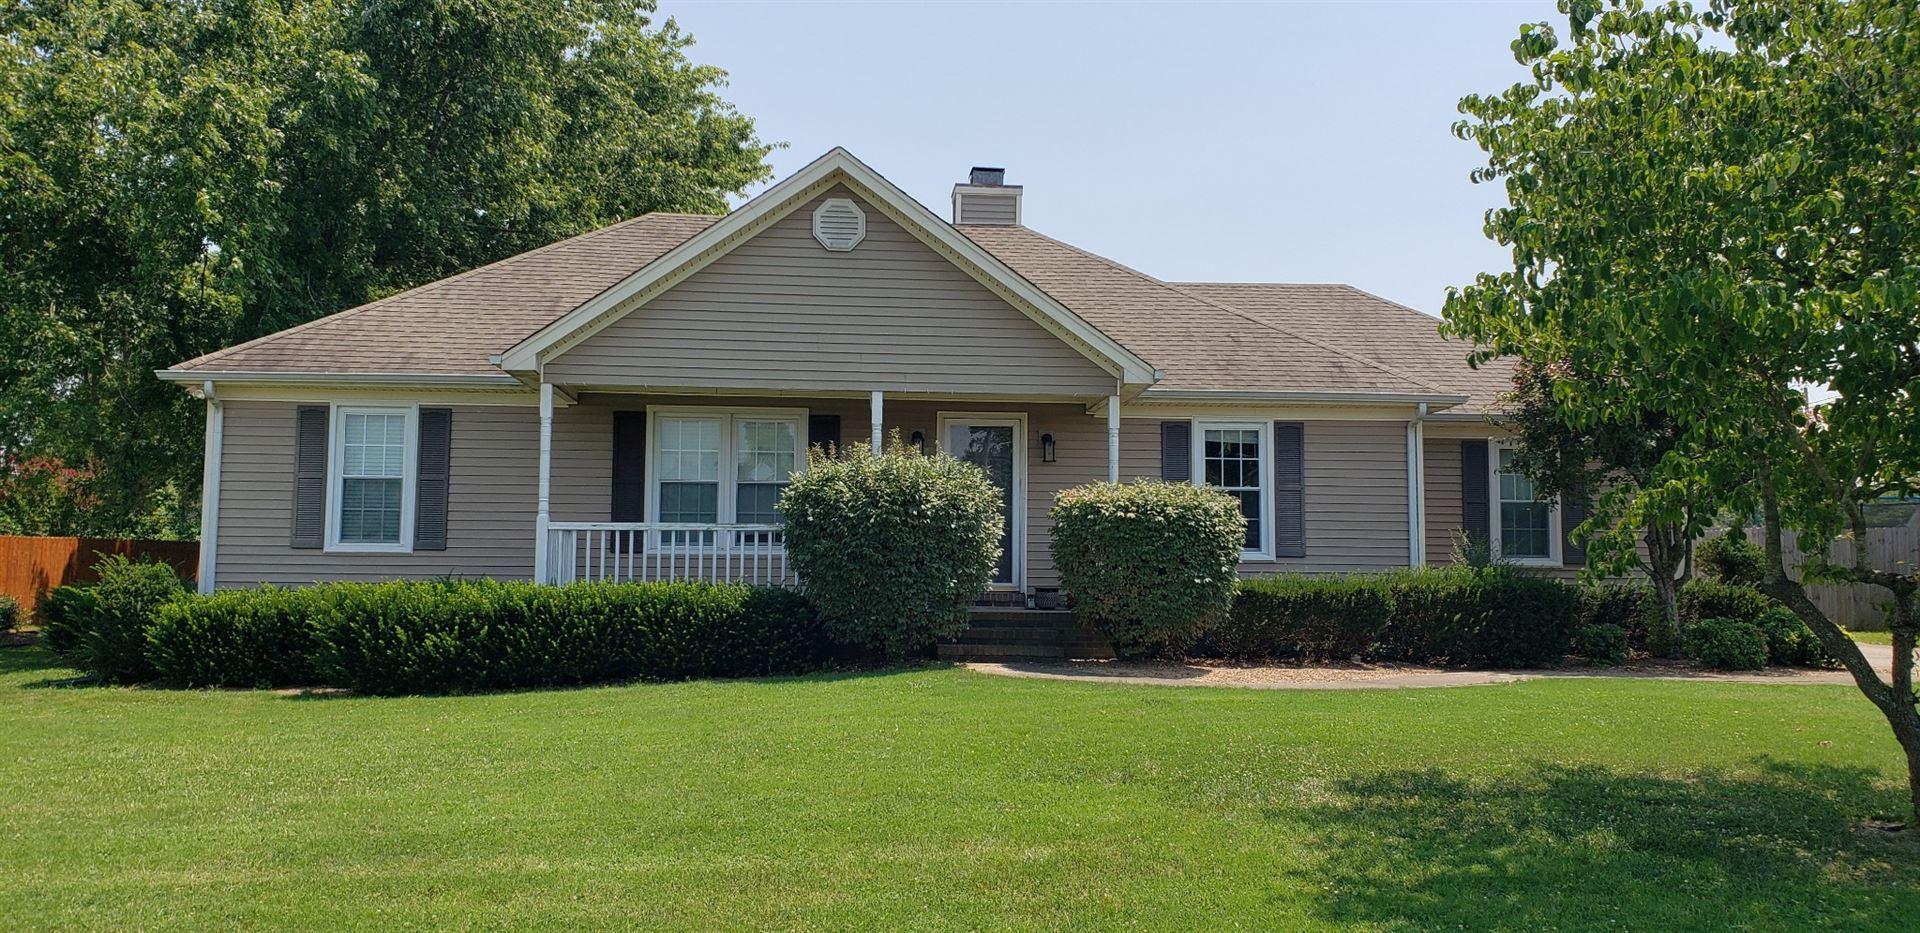 1815 Turnstone Ct, Murfreesboro, TN 37128 - MLS#: 2276894